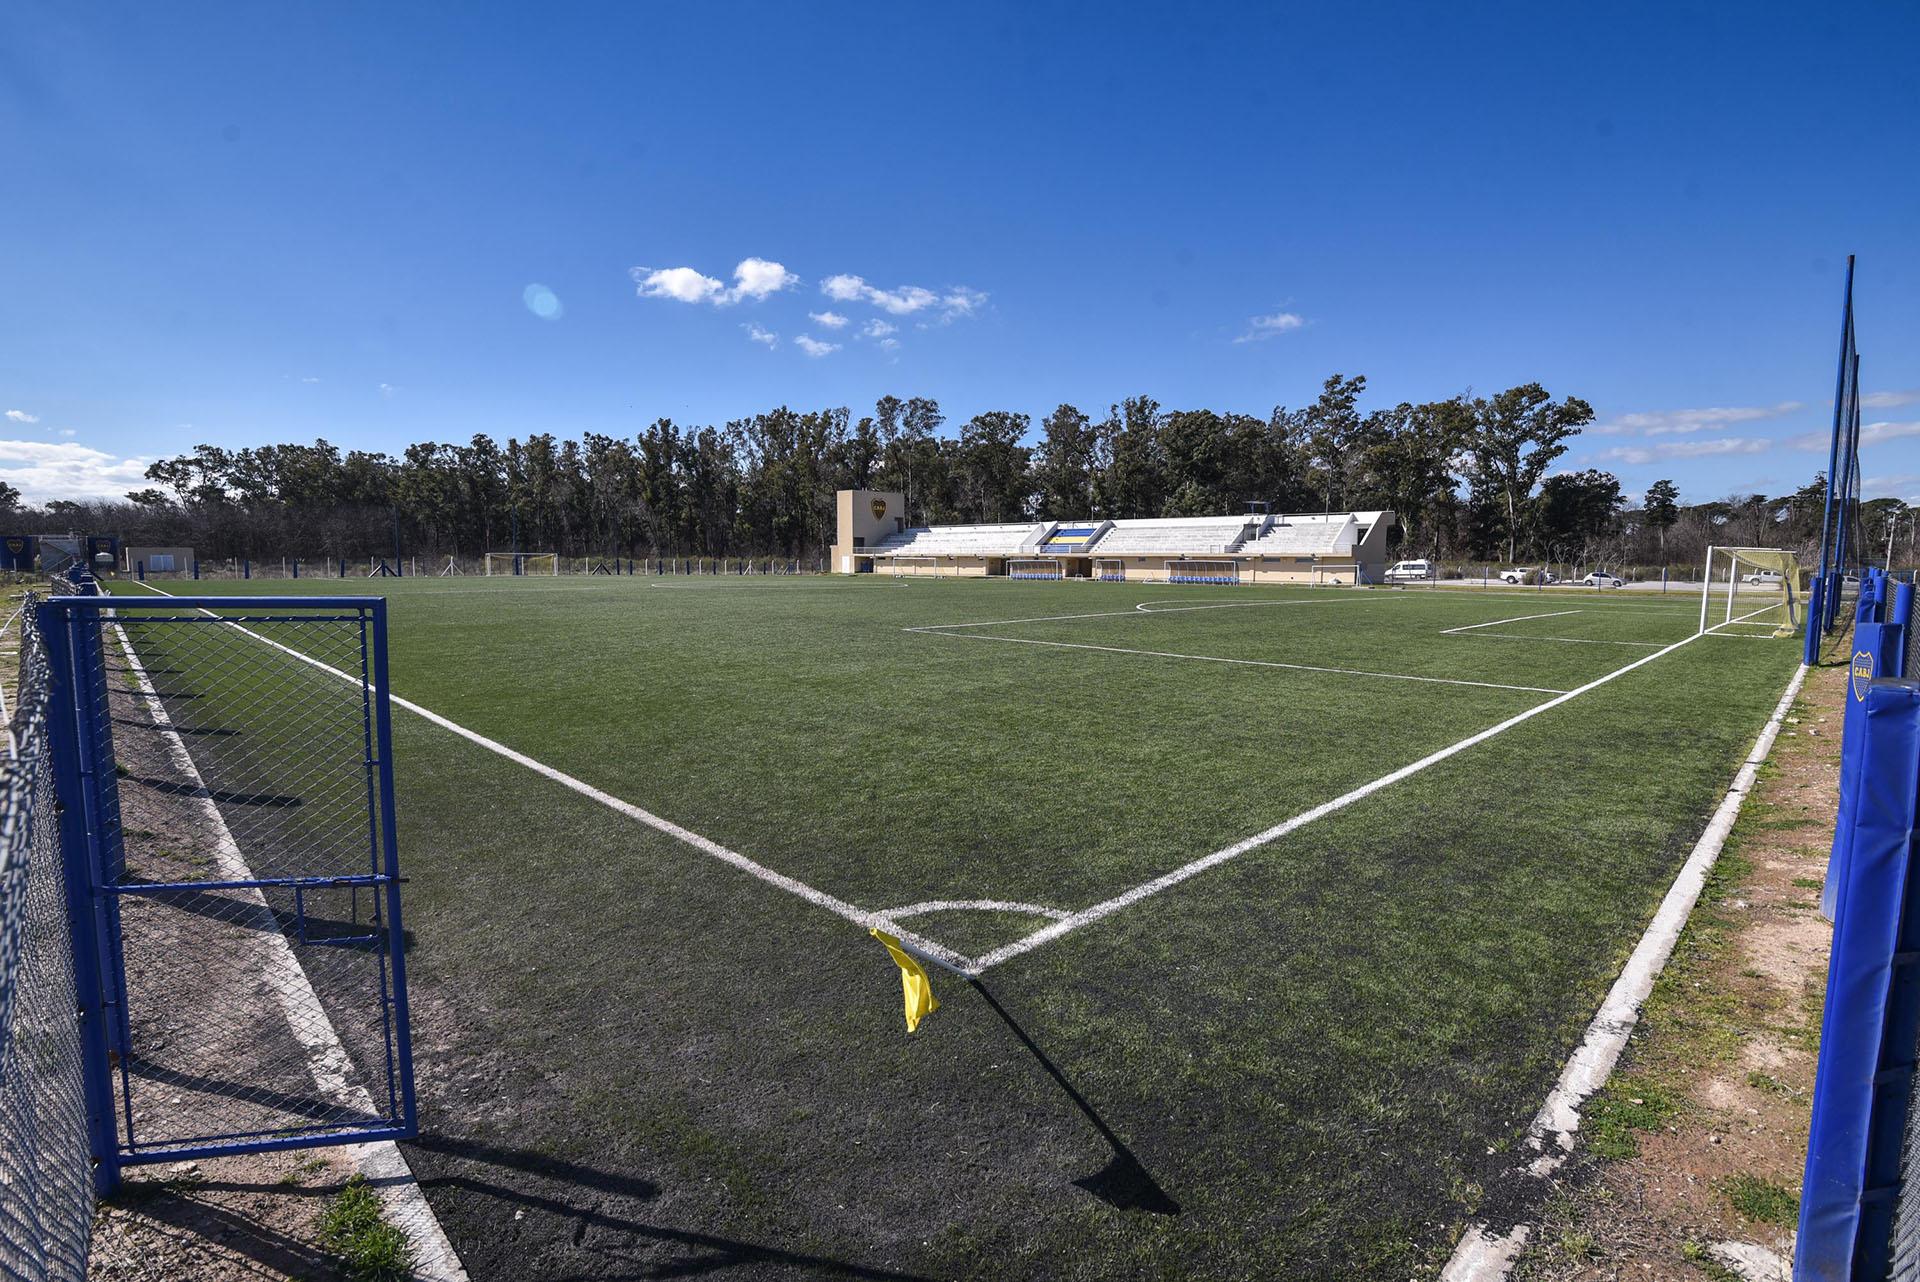 La cancha de césped artificial para partidos oficiales con tribunas (Guille Llamos)